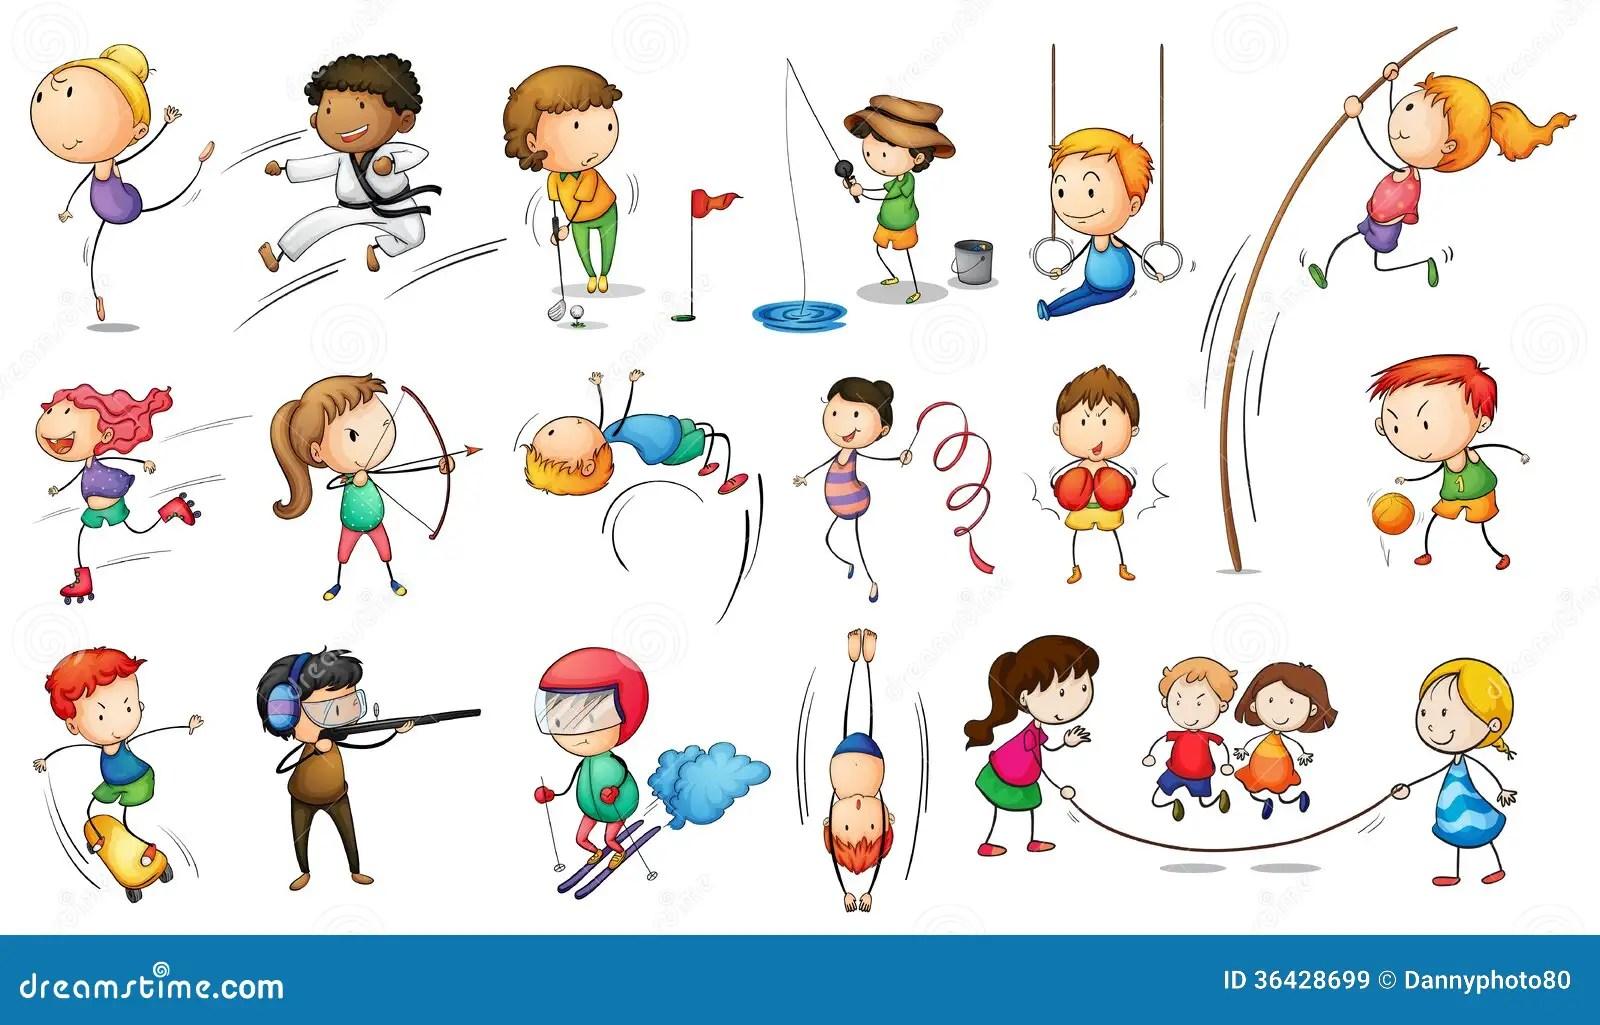 Enfants S Engageant Dans Differents Sports Images Libres